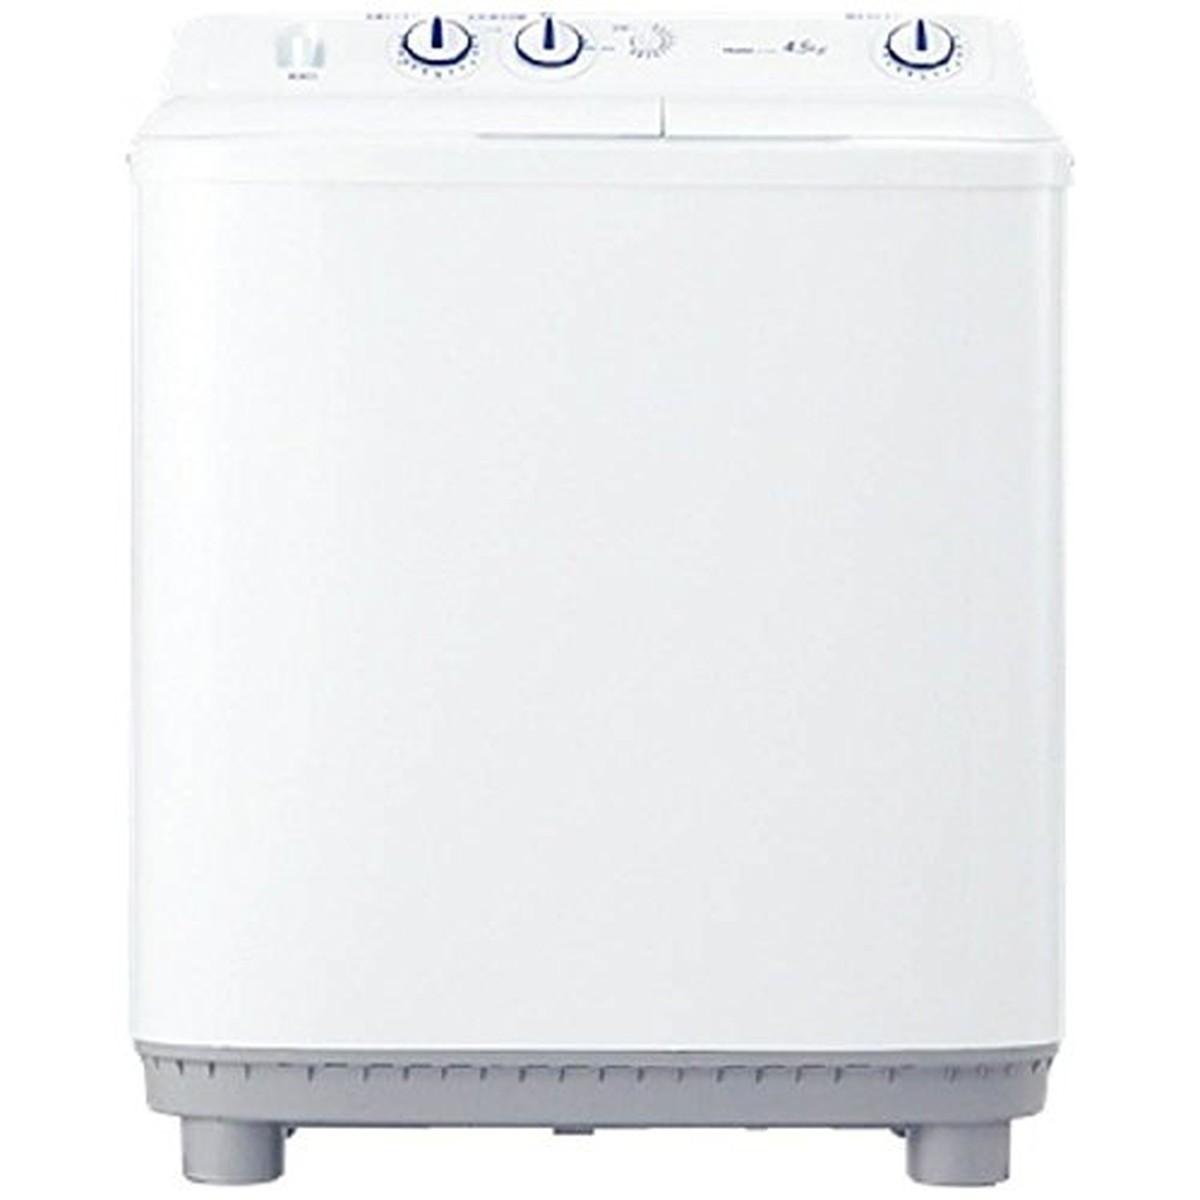 【エントリーでポイント9倍】ハイアール 4.5kg 2槽式洗濯機 ホワイトHaier JW-W45E-W【05/09 20:00~05/16 01:59】